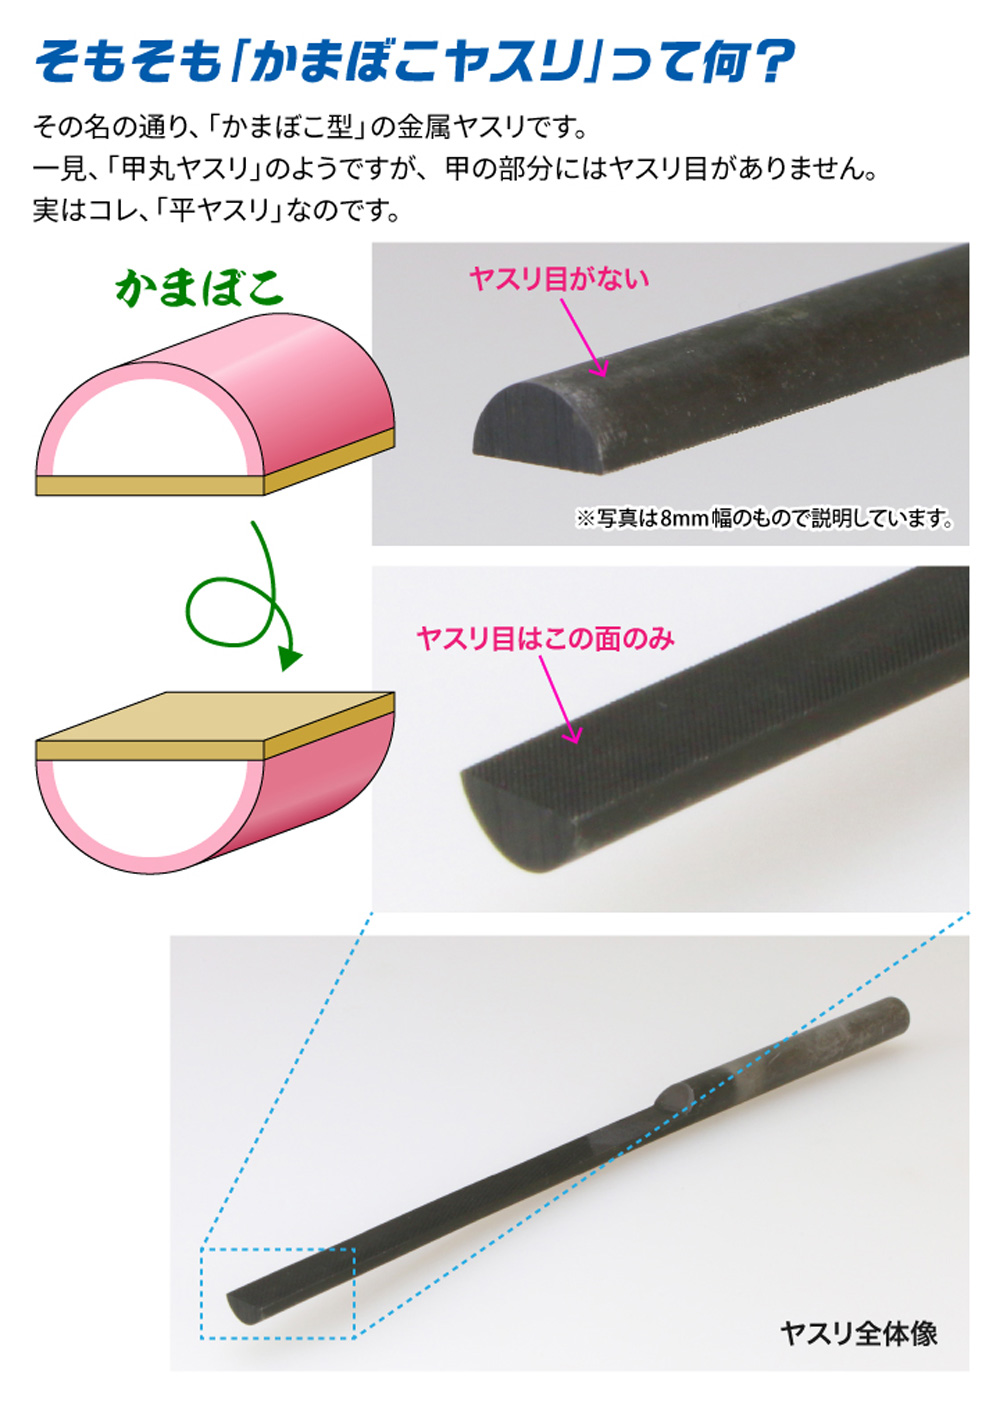 かまぼこヤスリ 5mm 単目ヤスリ(ゴッドハンド模型工具No.GH-KF-5-S)商品画像_2